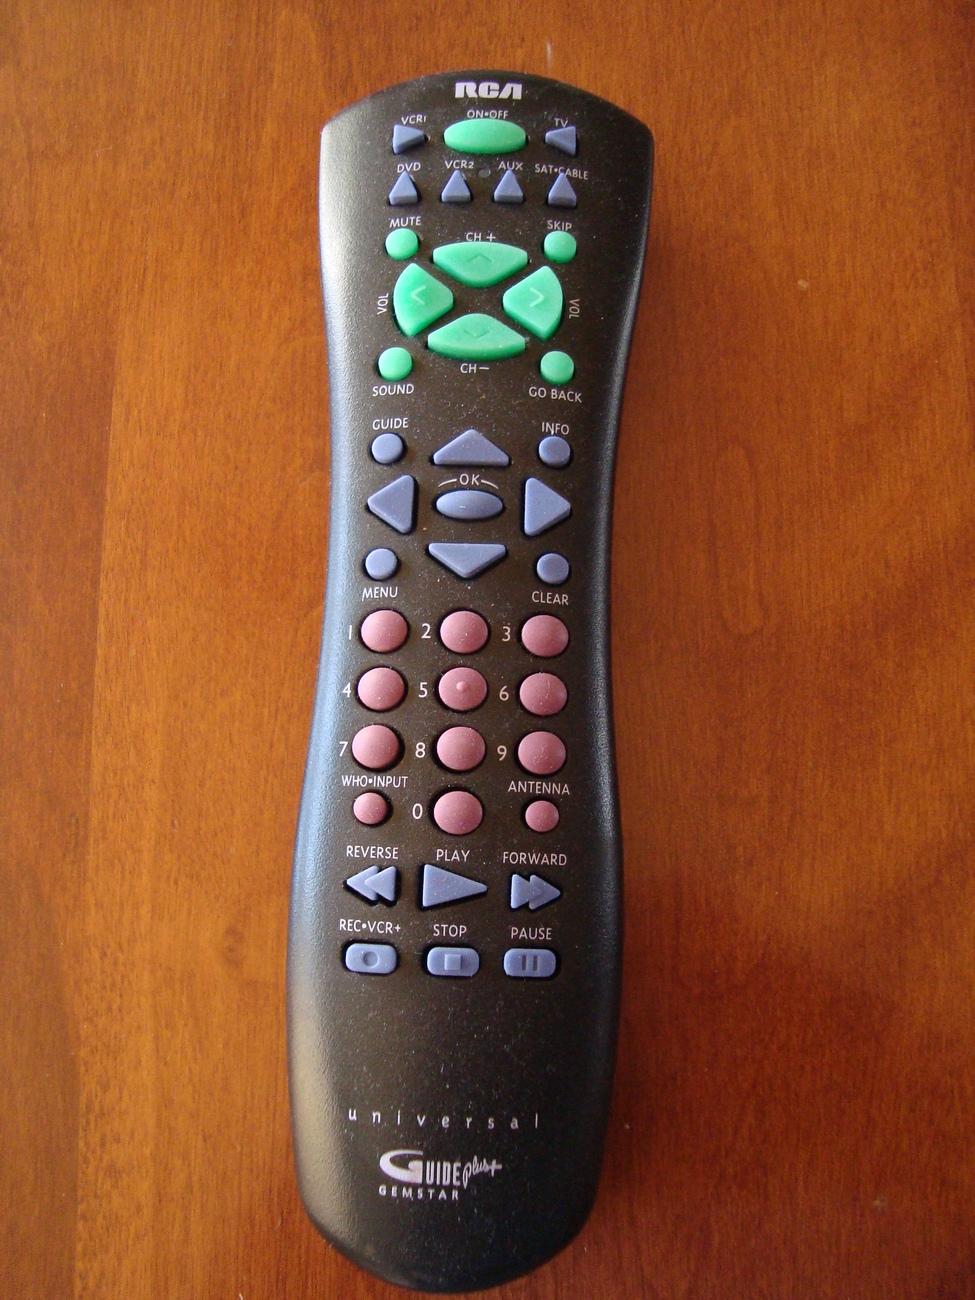 Rca remote control guide